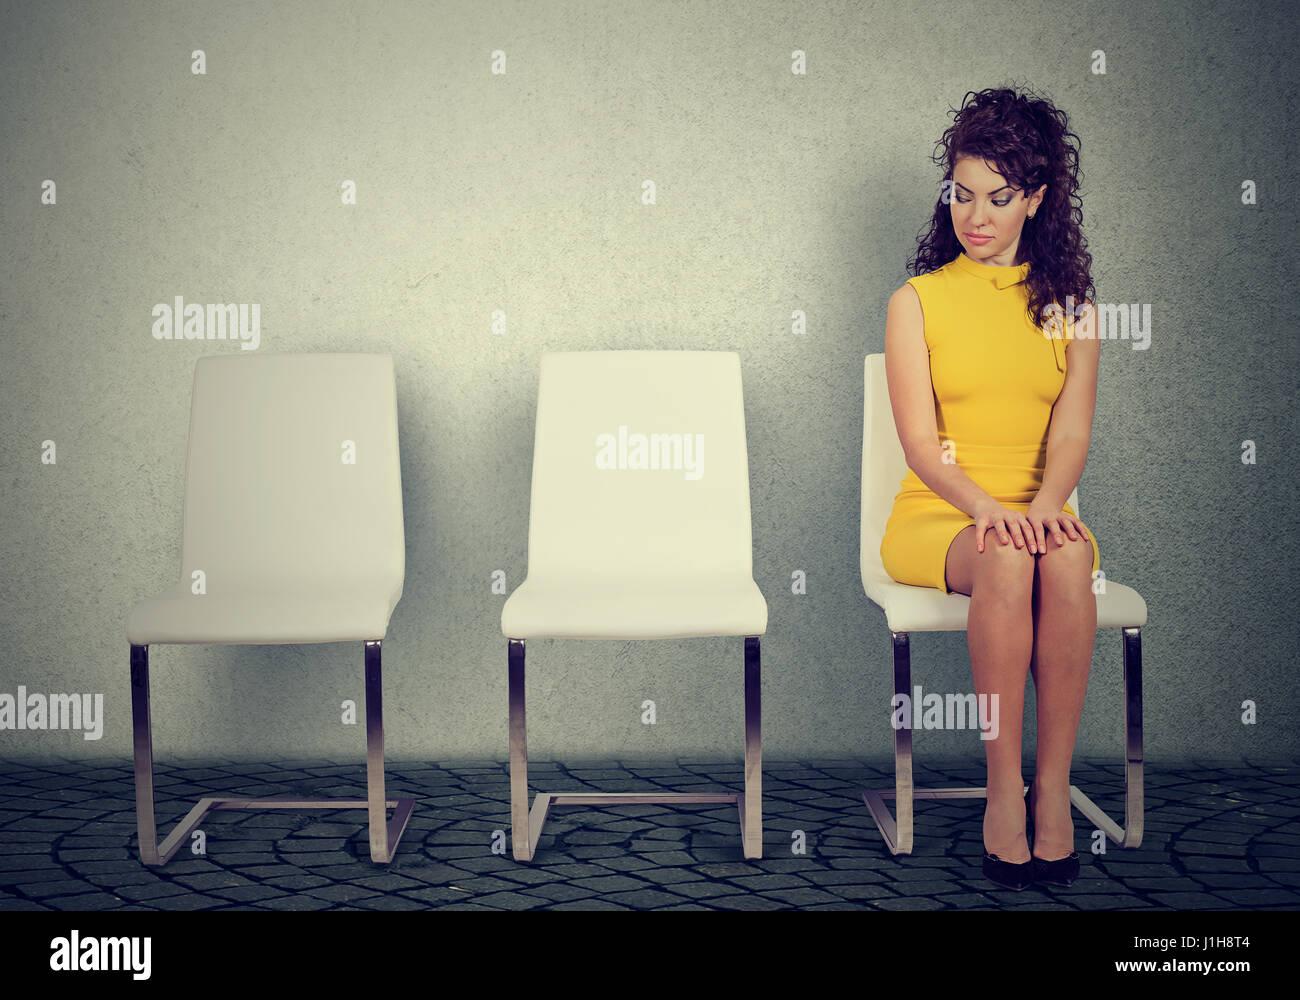 Jeune femme assise sur une chaise en attente d'entrevue d'emploi Photo Stock